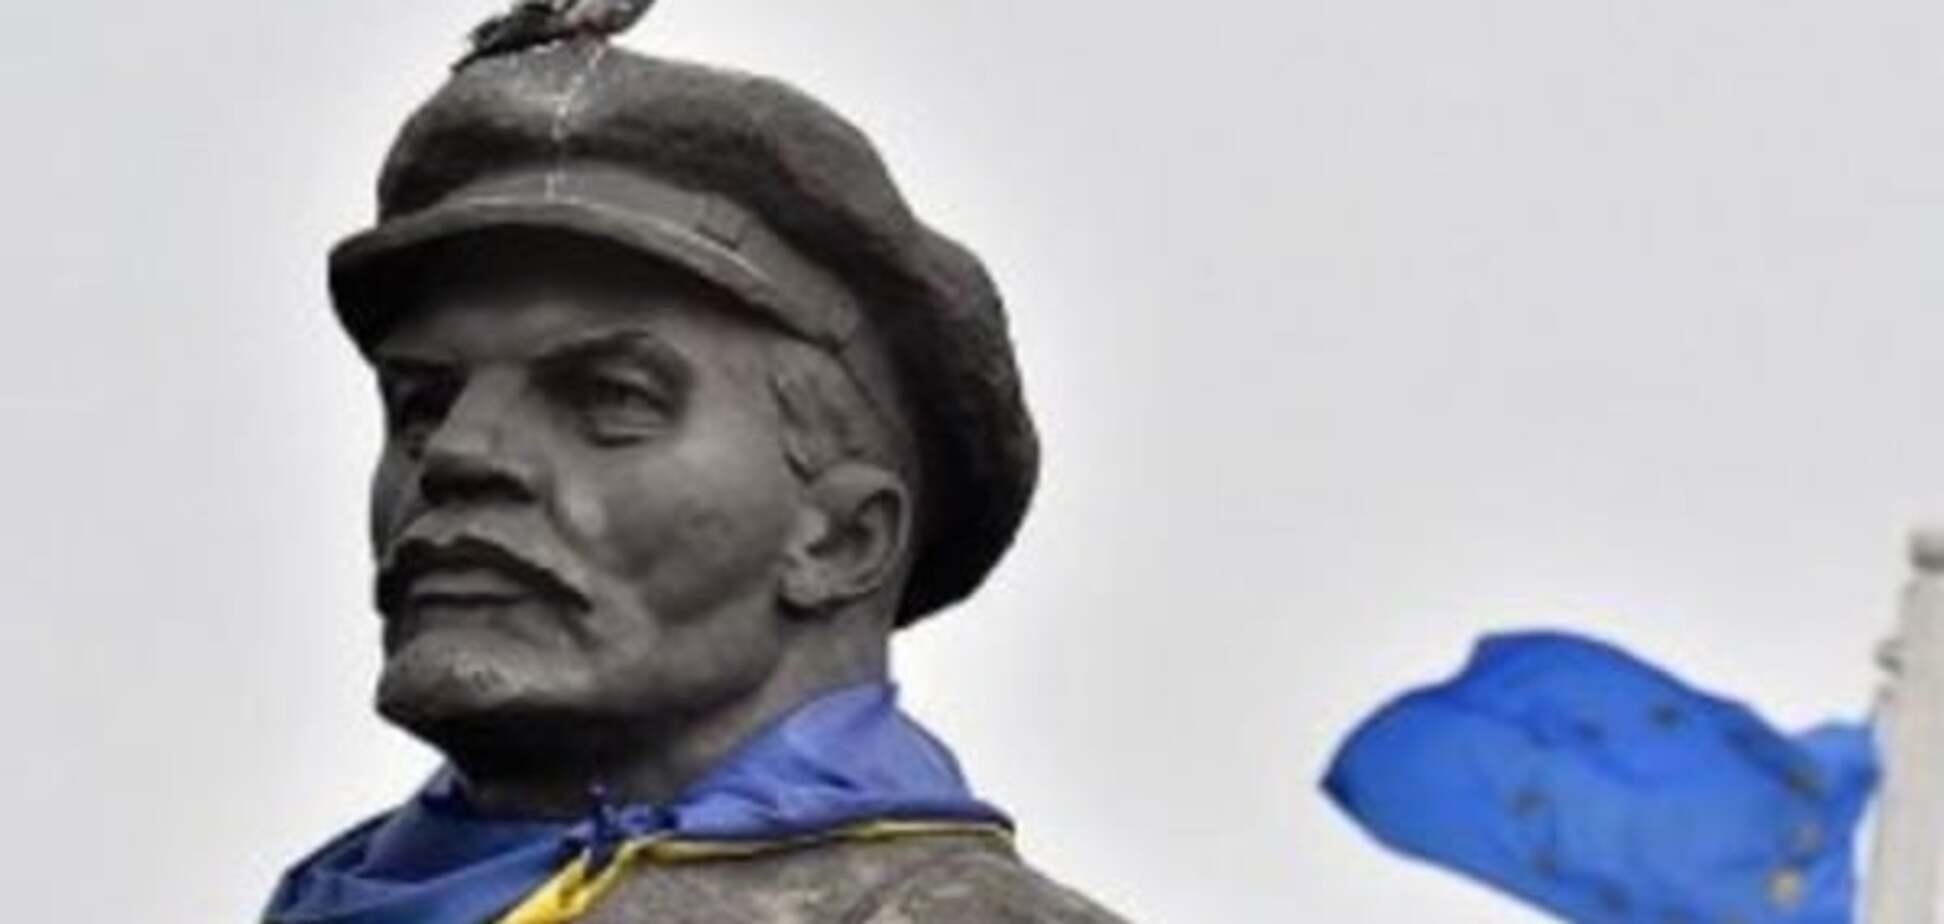 Час прощатися: В'ятрович закликав забути про пережитки комунізму